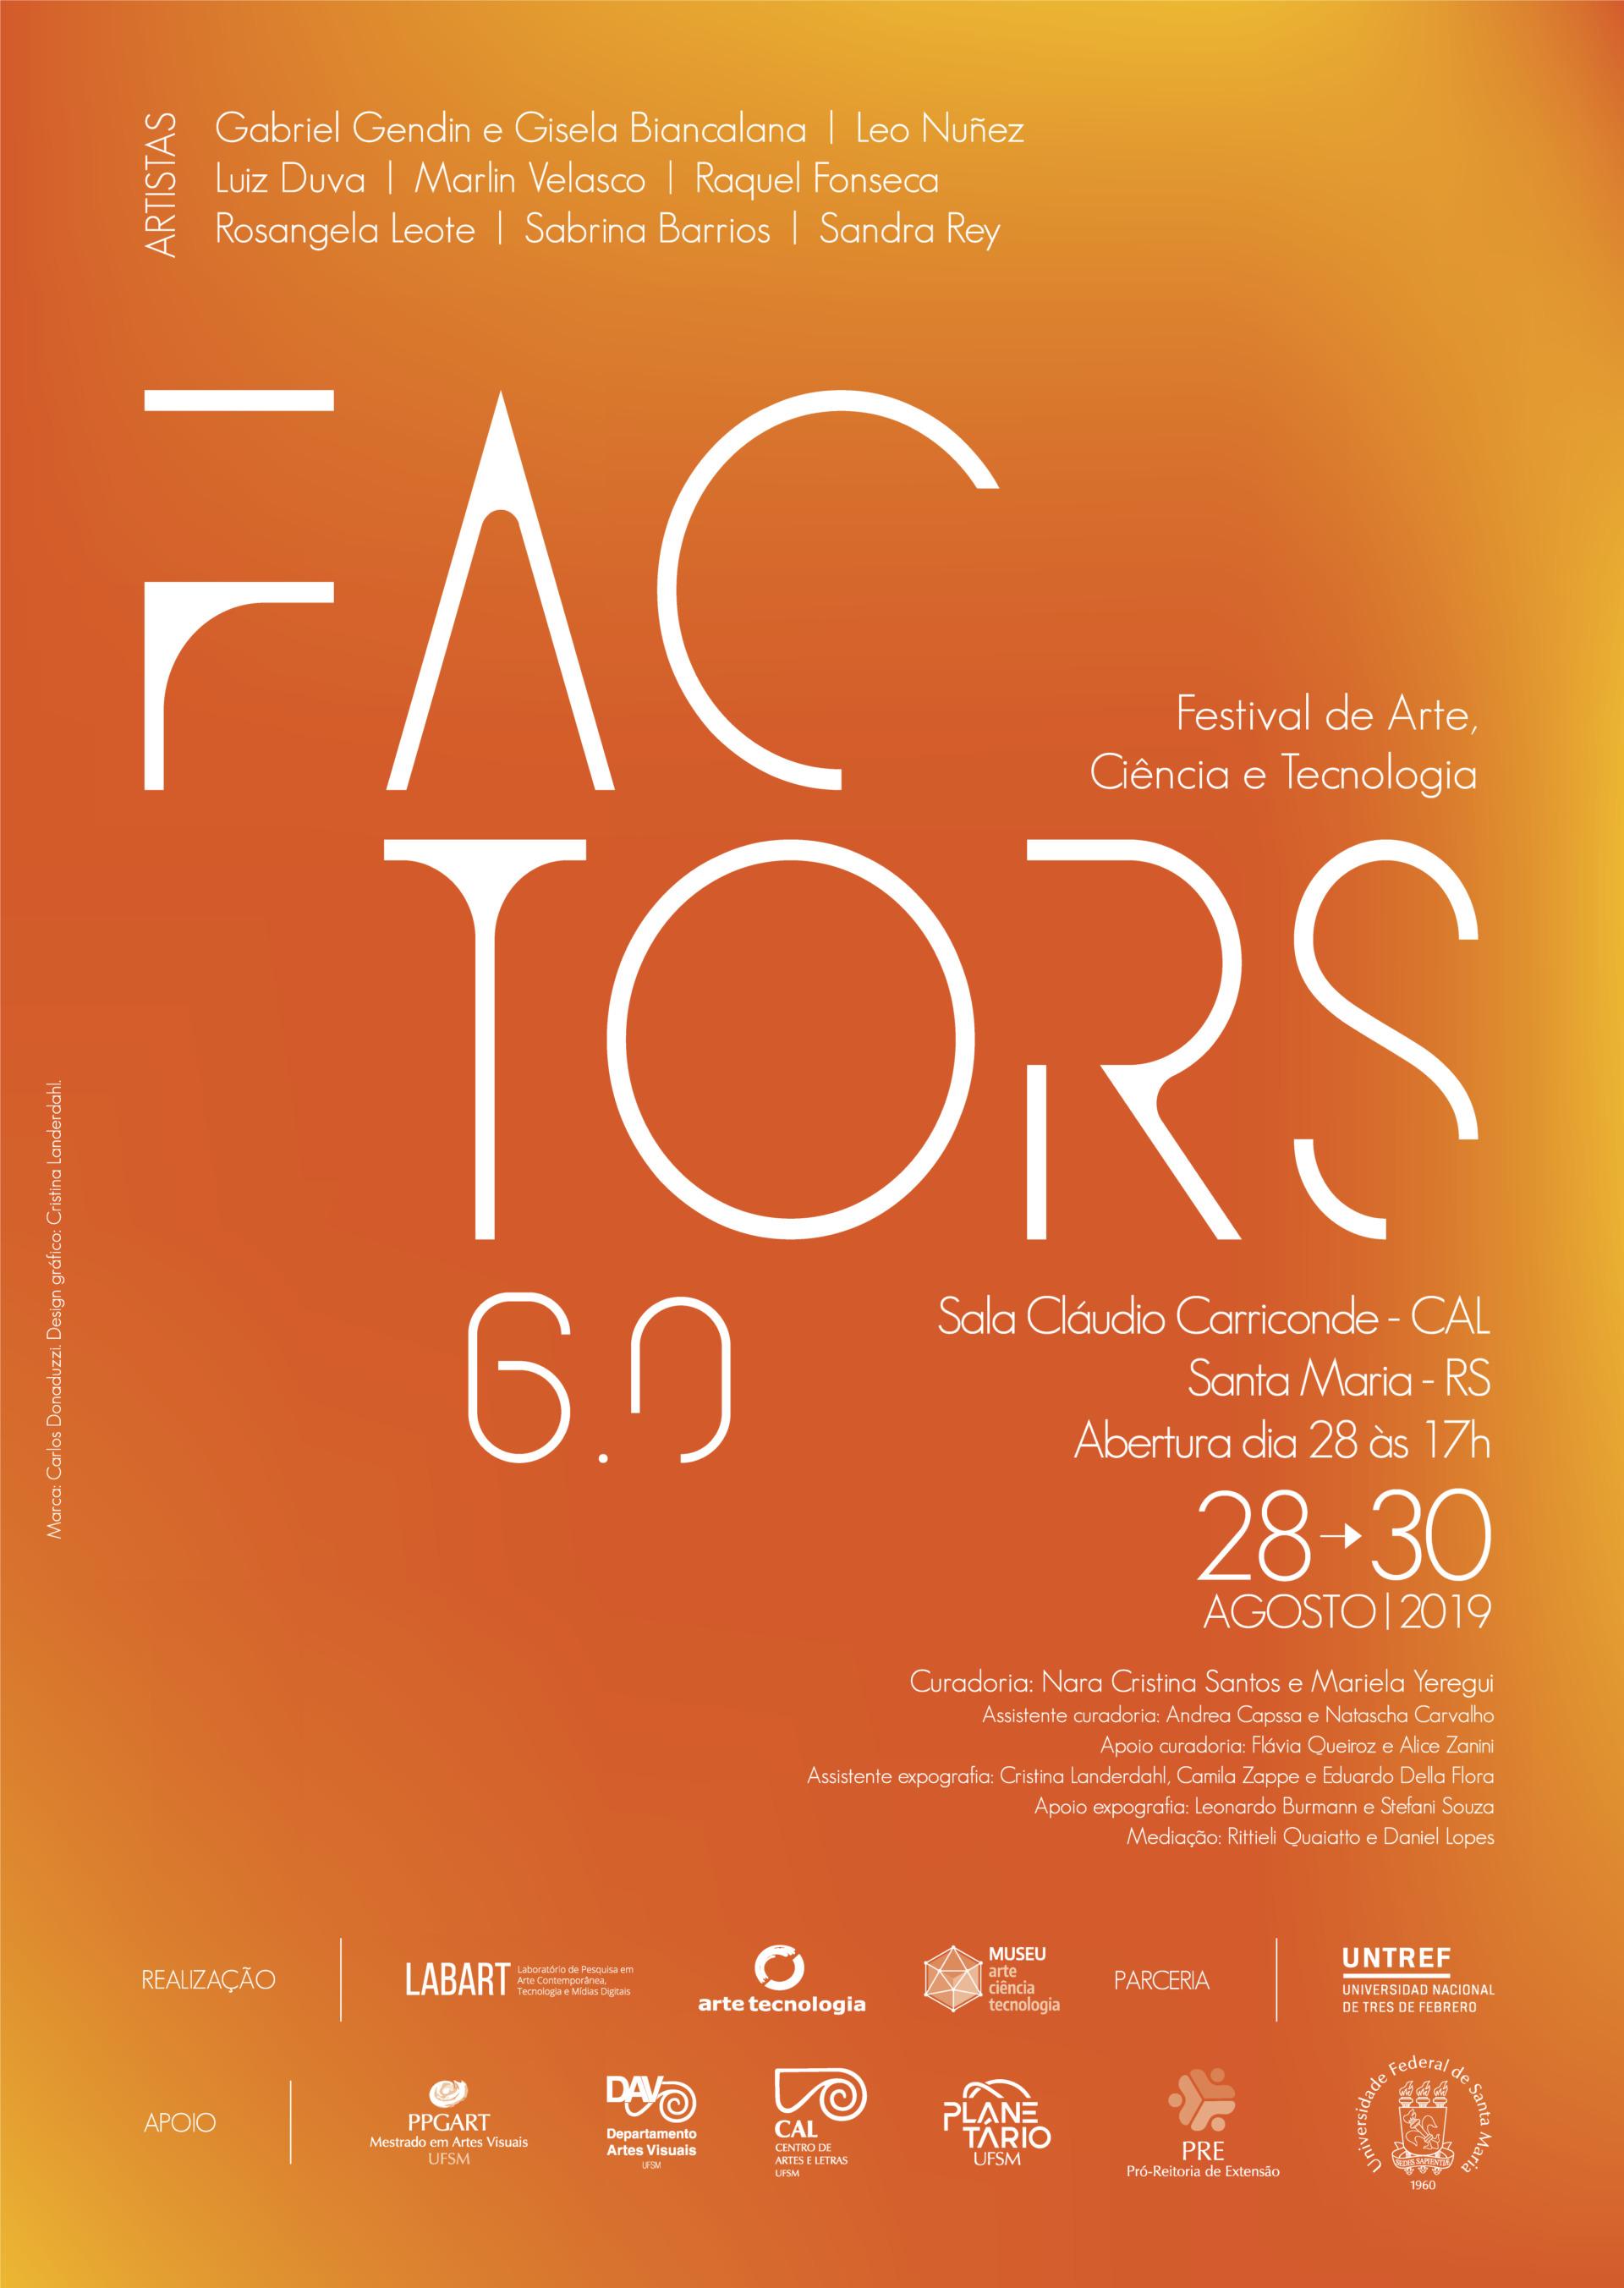 Arte vertical com tons laranja com informações sobre o evento